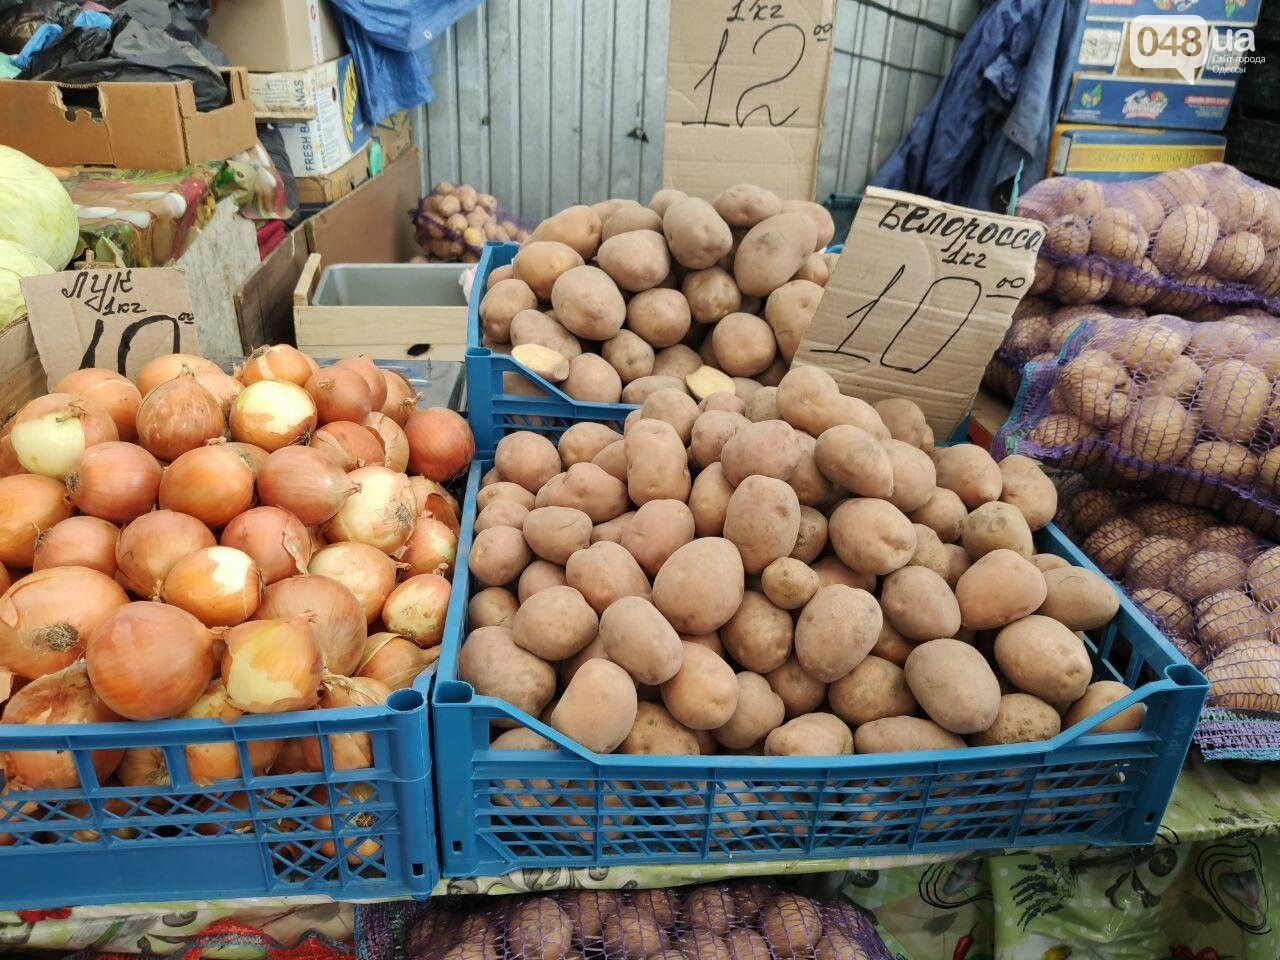 Почем в Одессе фрукты и овощи: актуальные цены Привоза в этот четверг, - ФОТО, фото-8